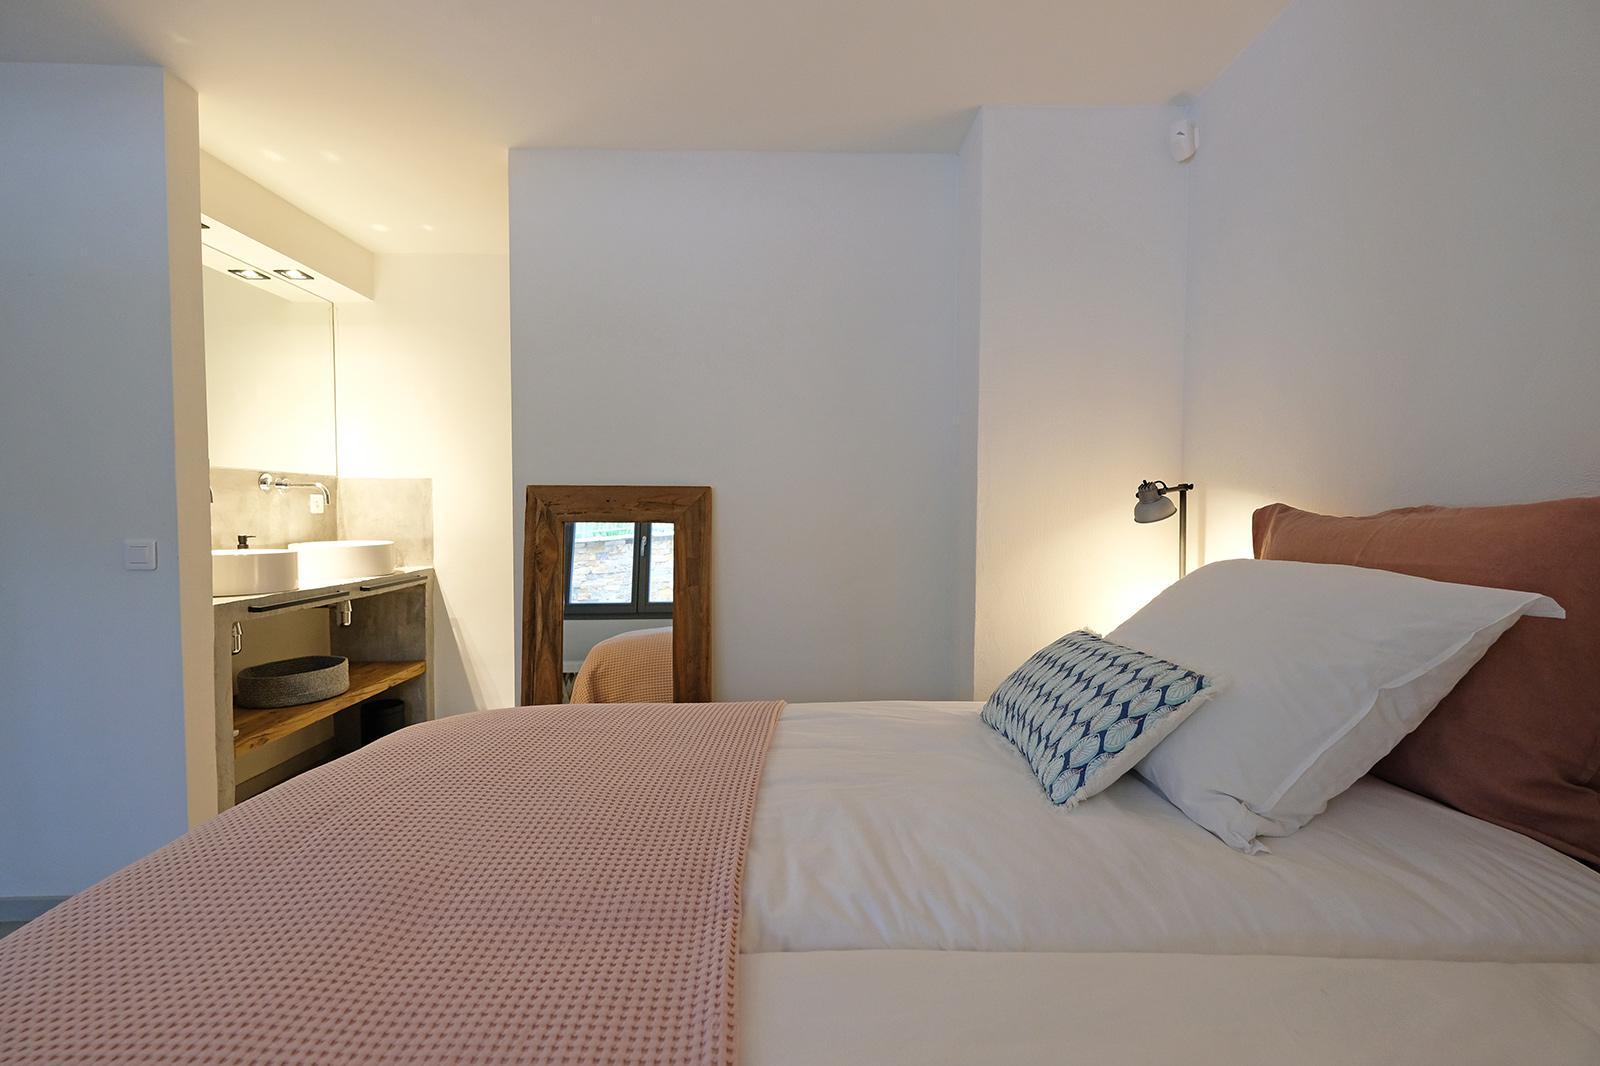 Vakantiehuis La Croix Valmer Zuid Frankrijk Nabij St Tropez